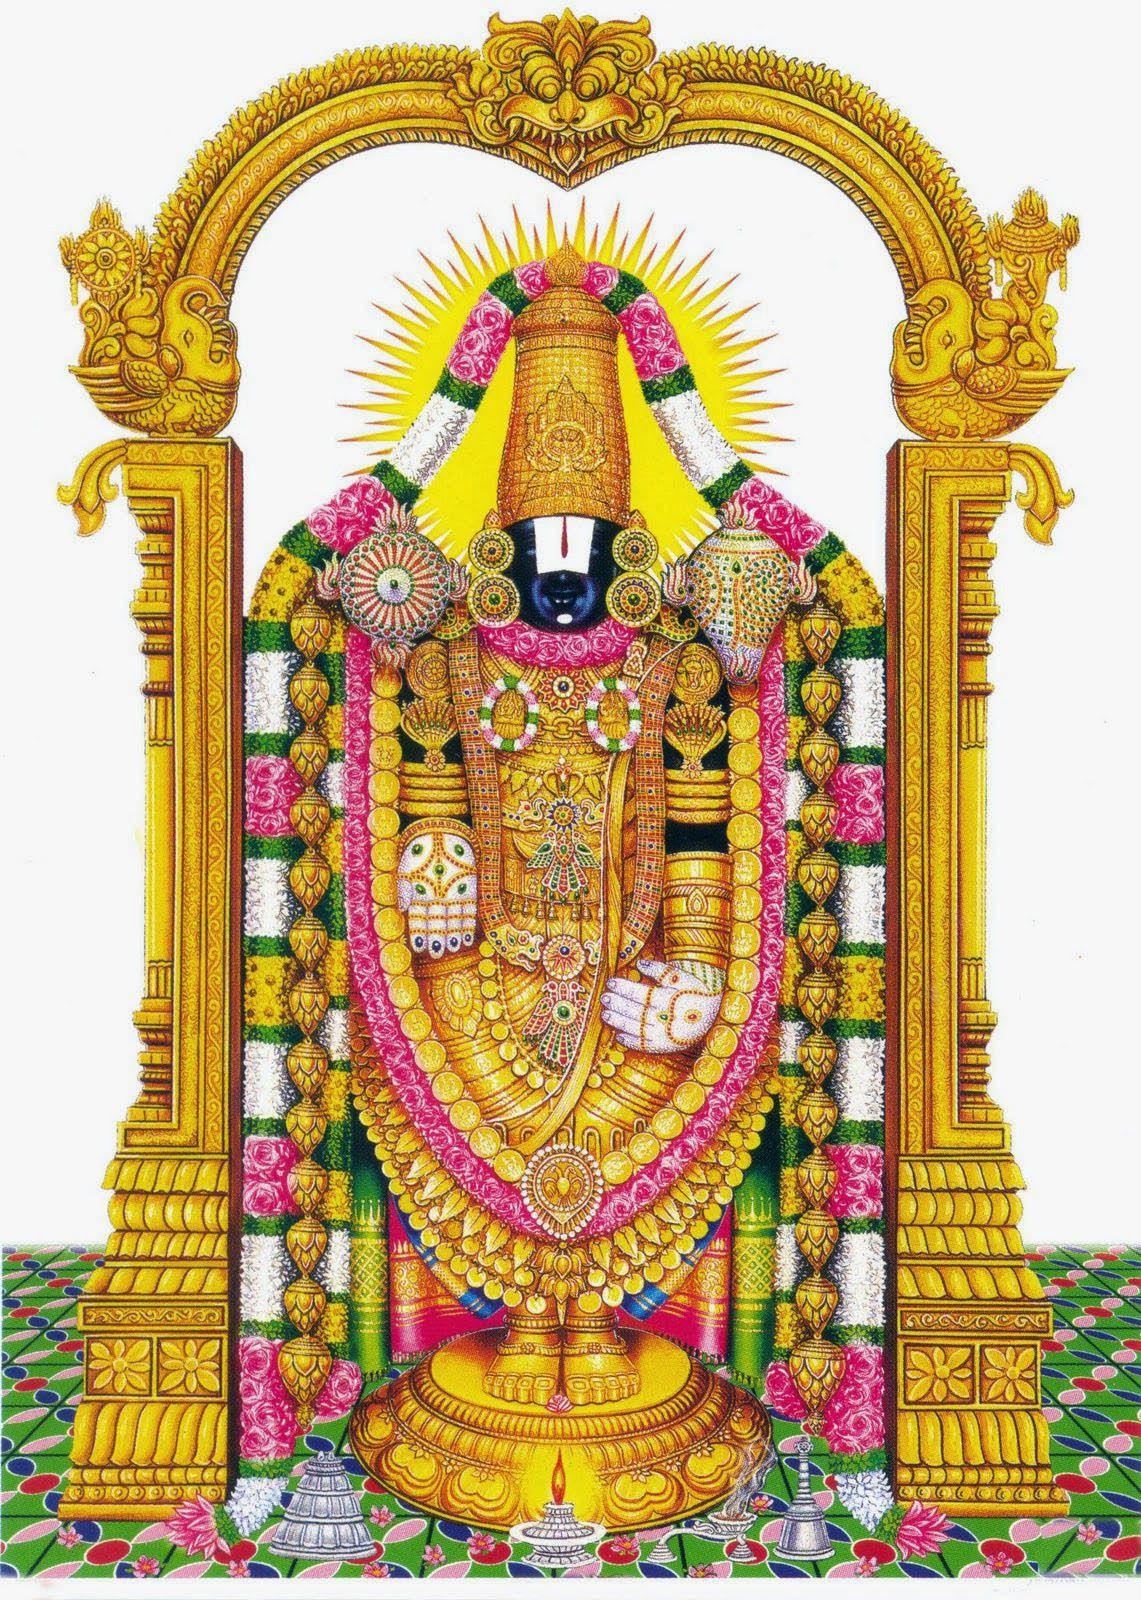 Sri Tirupati Balaji Hd Wallpapers Images Photos For Desktop Lord Murugan Wallpapers Lord Balaji Lord Vishnu Wallpapers